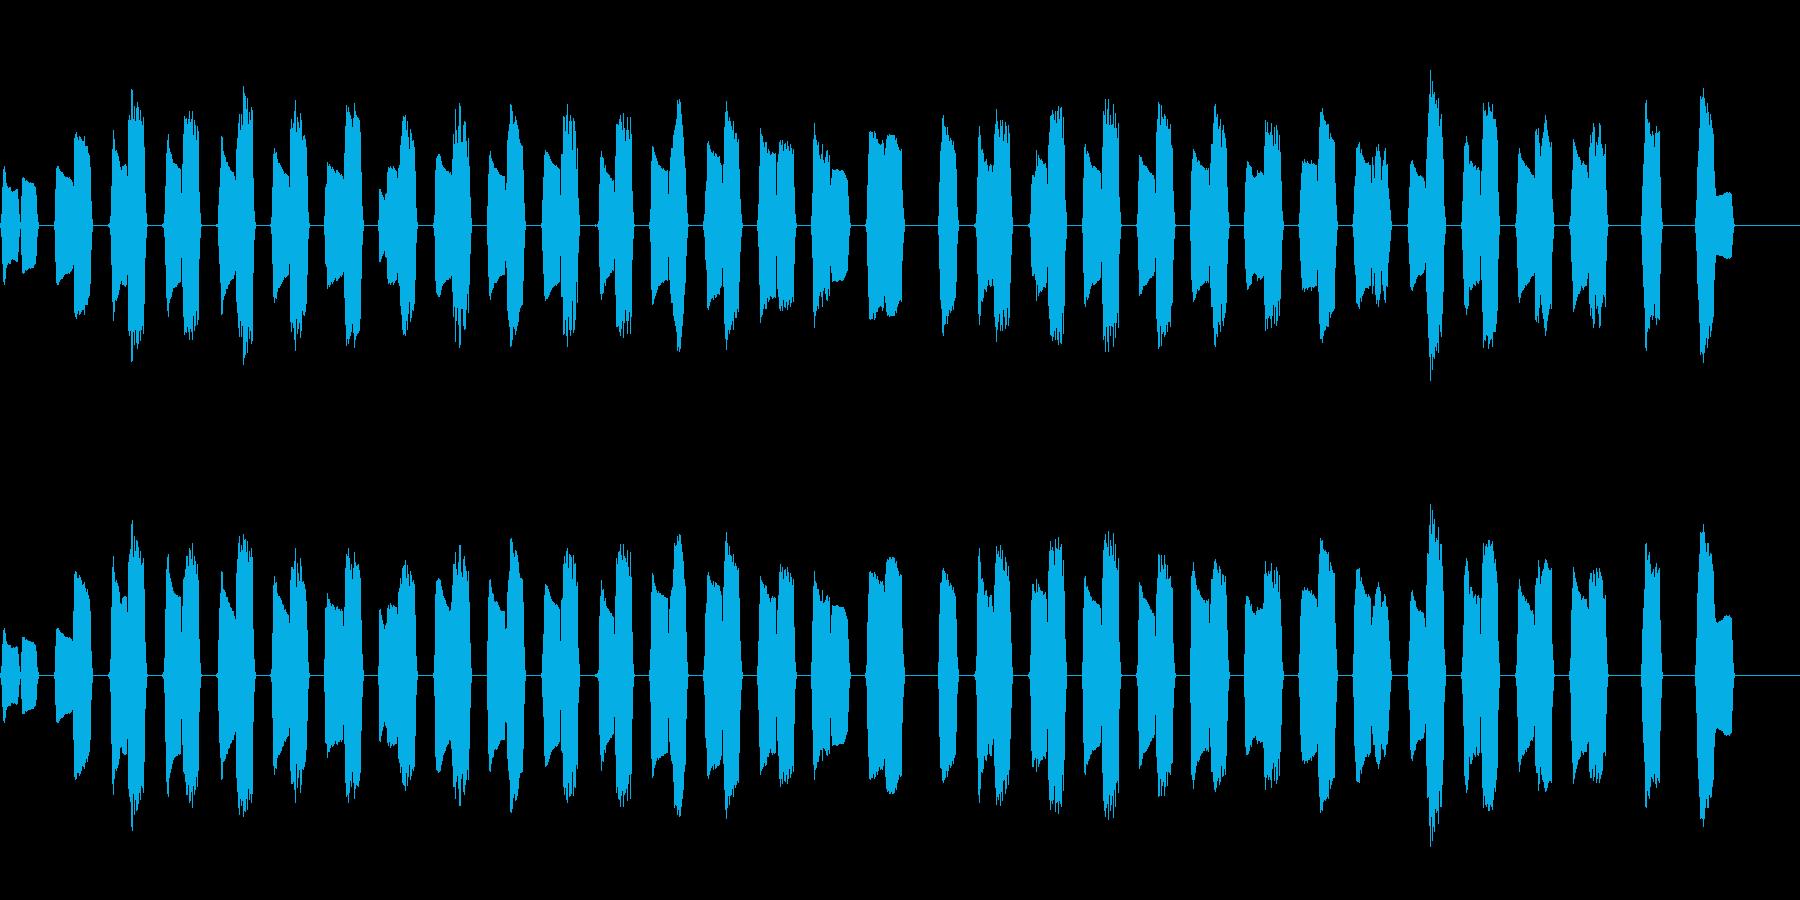 ピタゴラスイッチ風のほっこりしたBGMの再生済みの波形